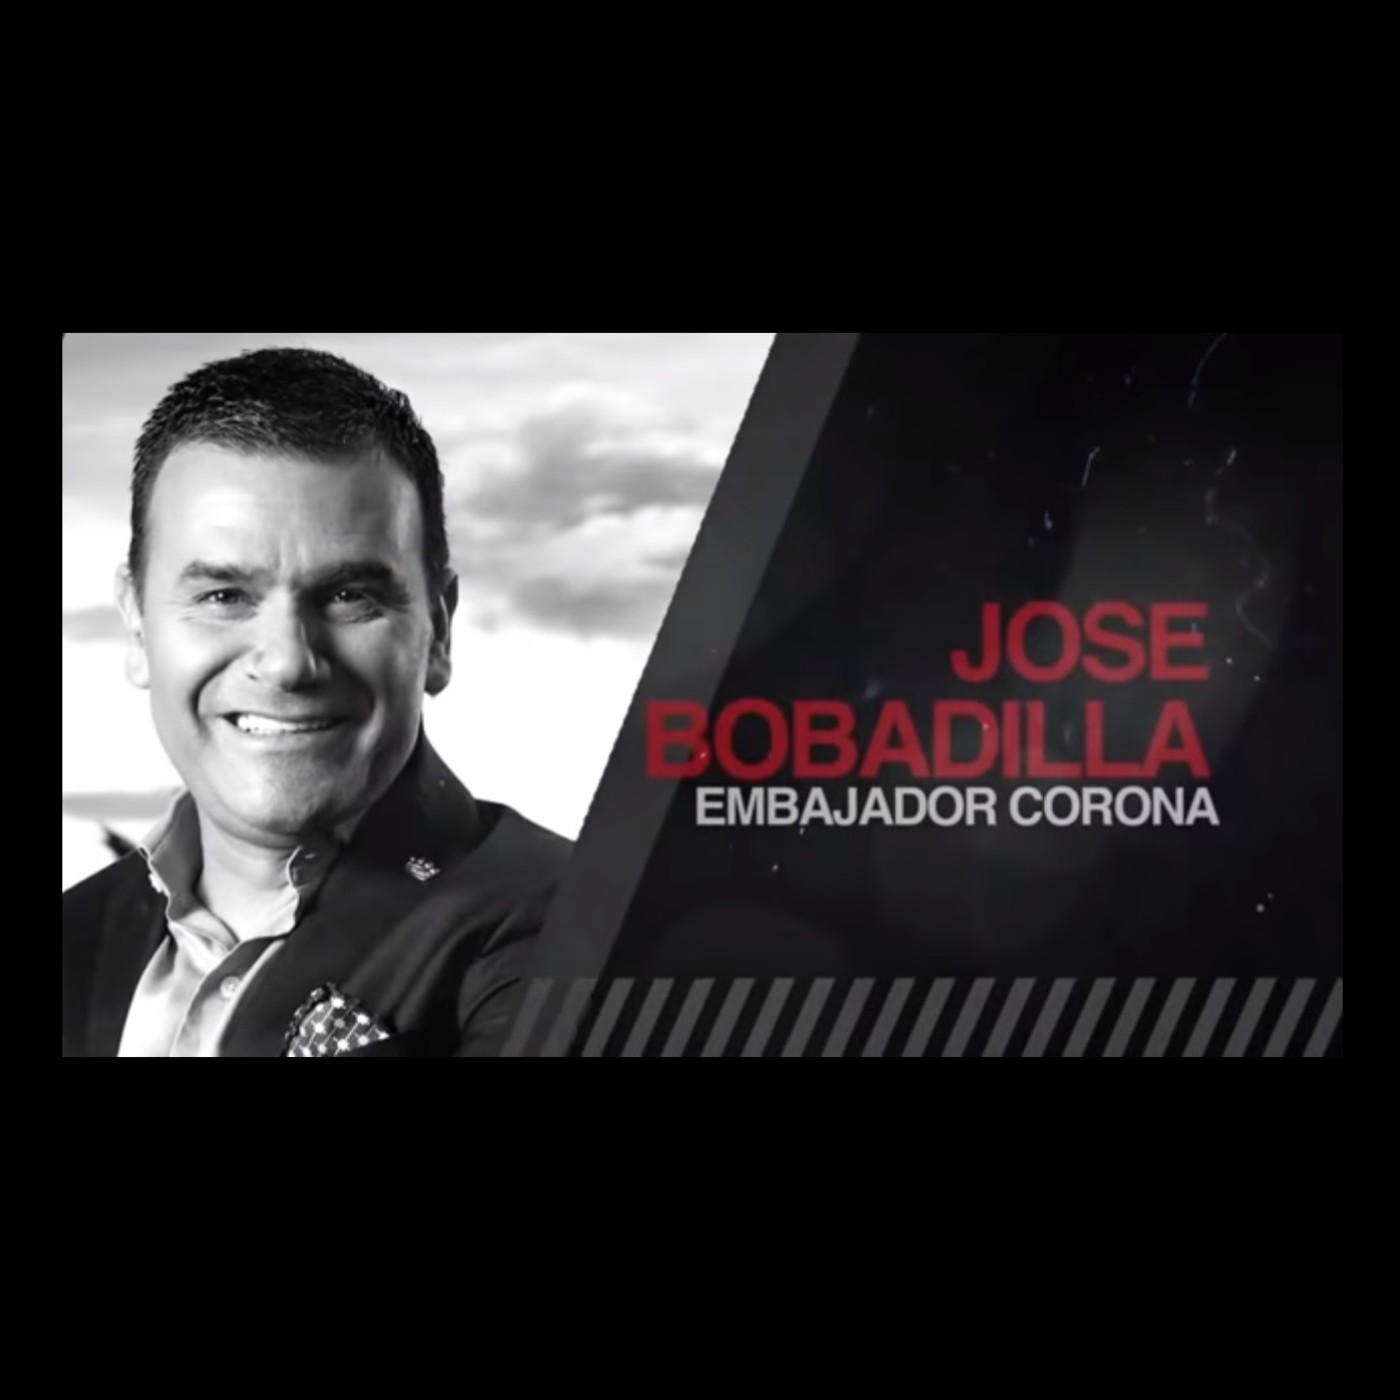 Un Pobre Menos En Colombia José Bobadilla Embajador